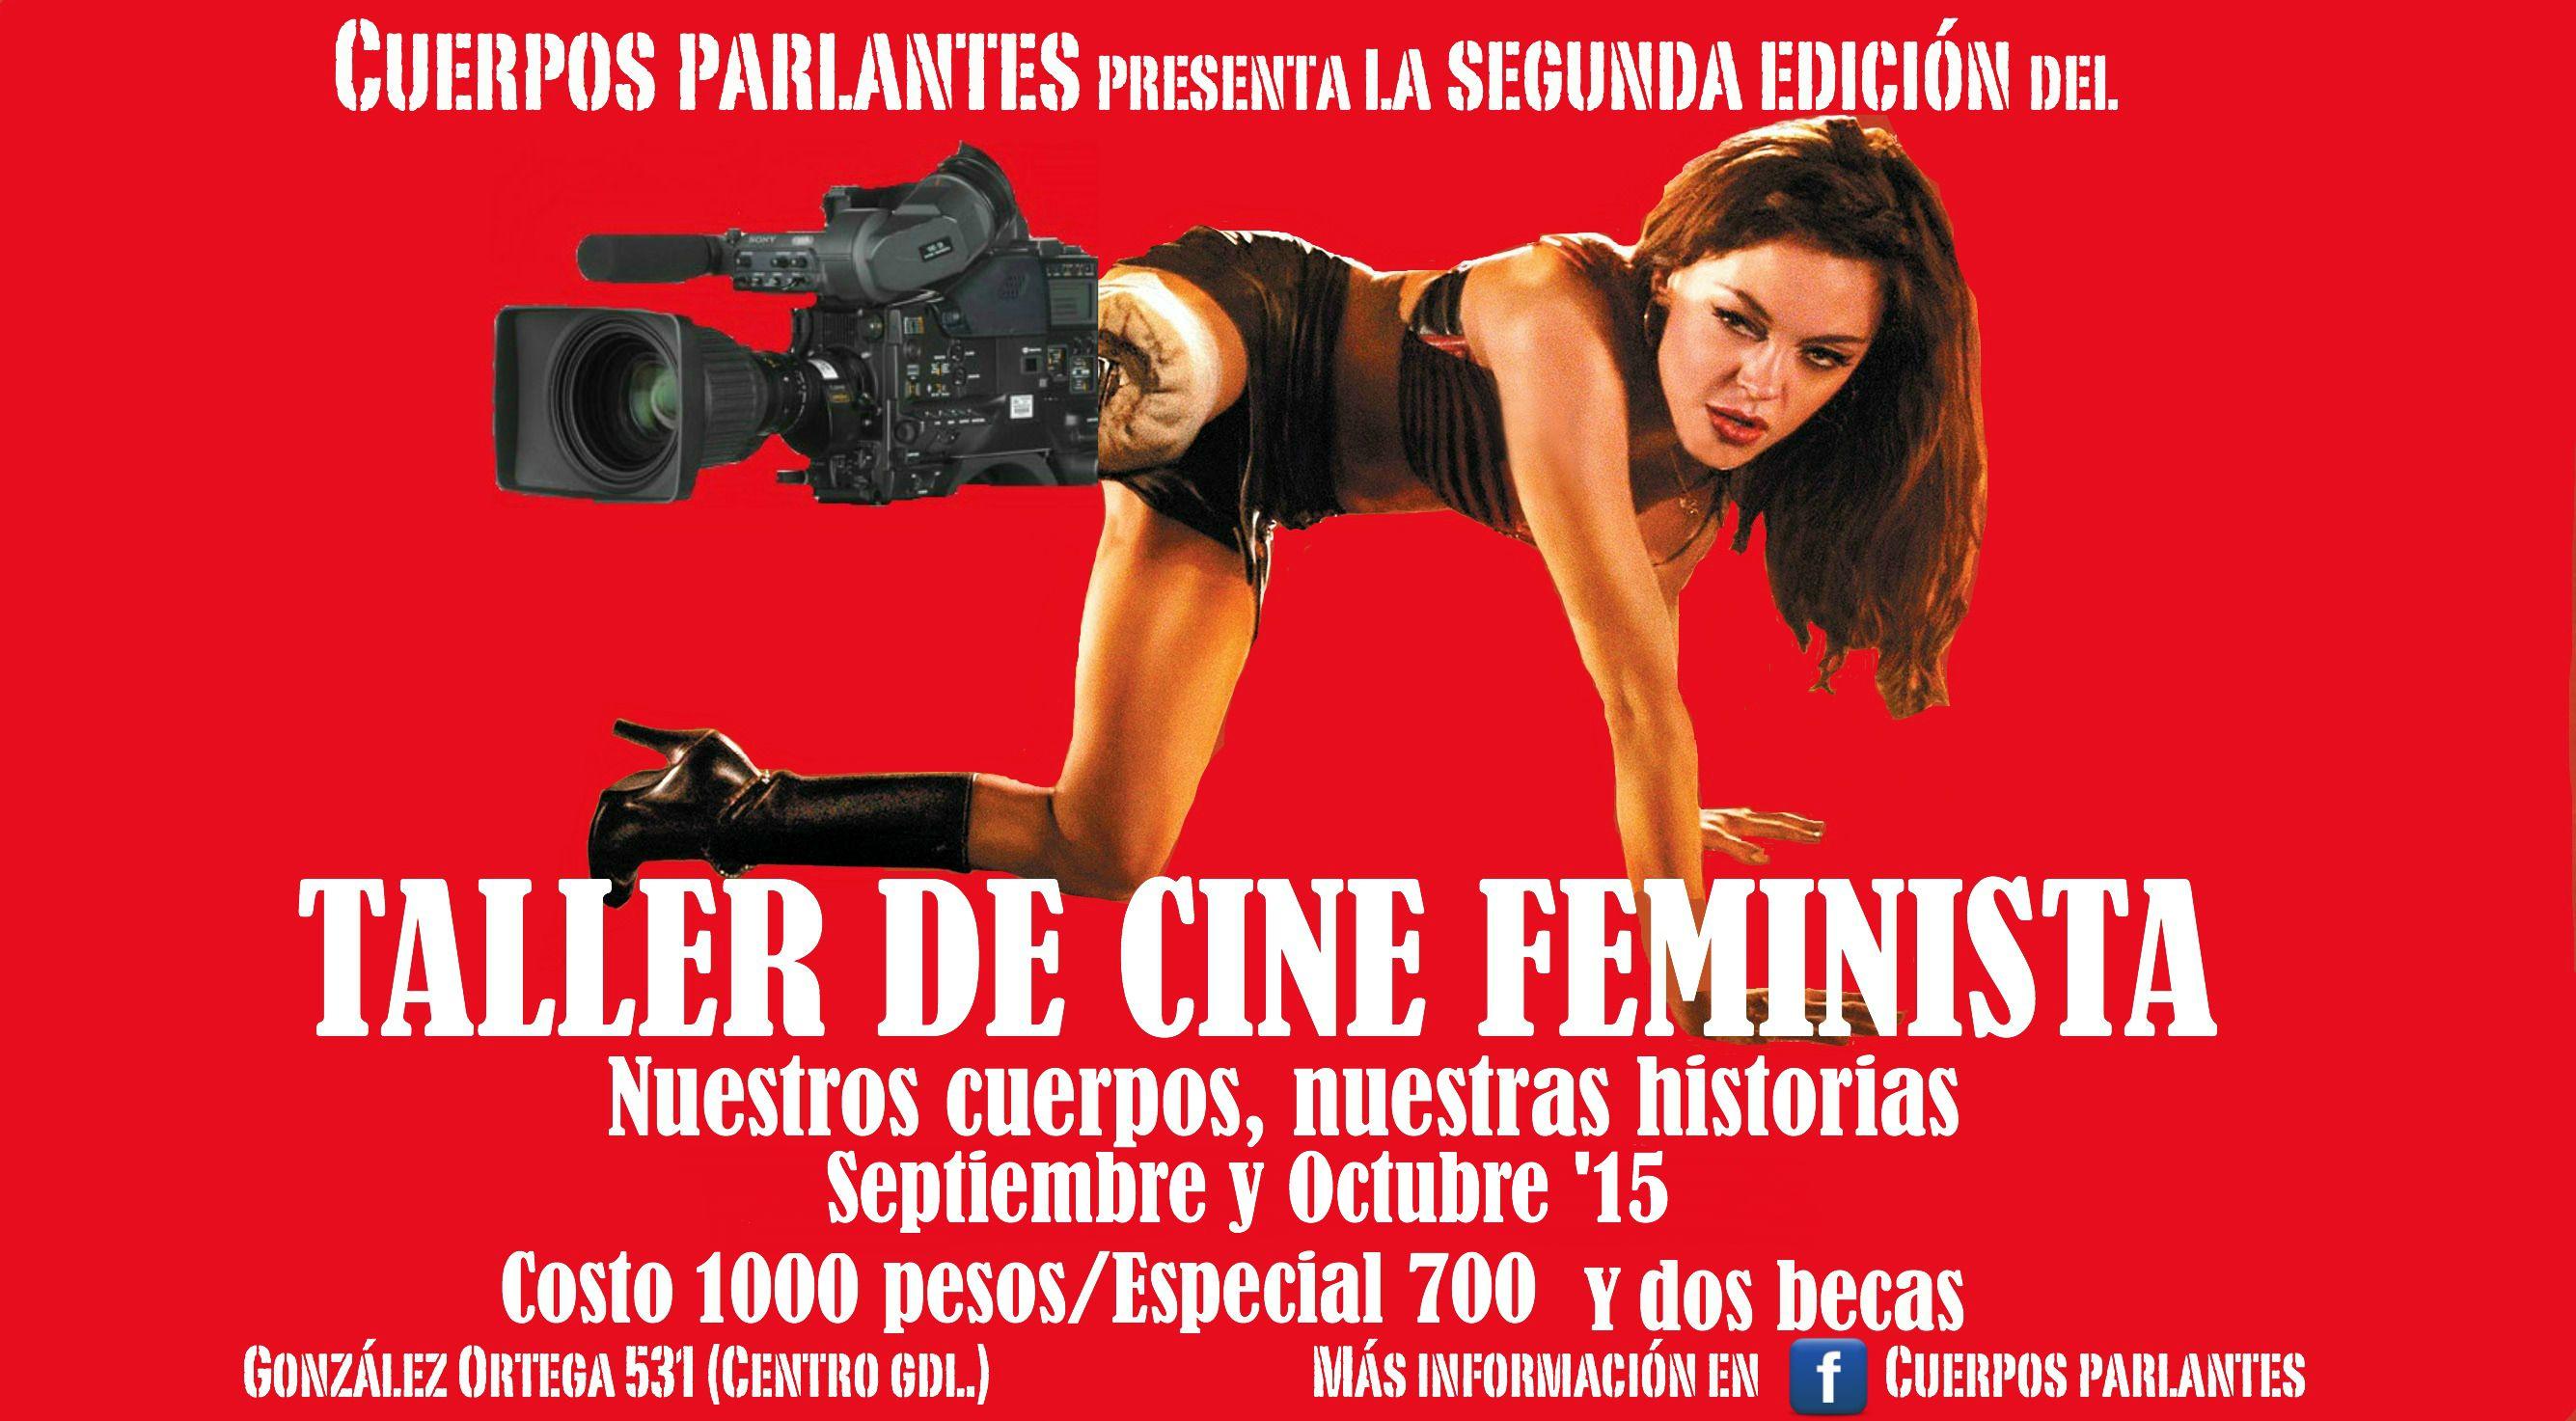 Cartel de Cuerpos Parlantes (MX)